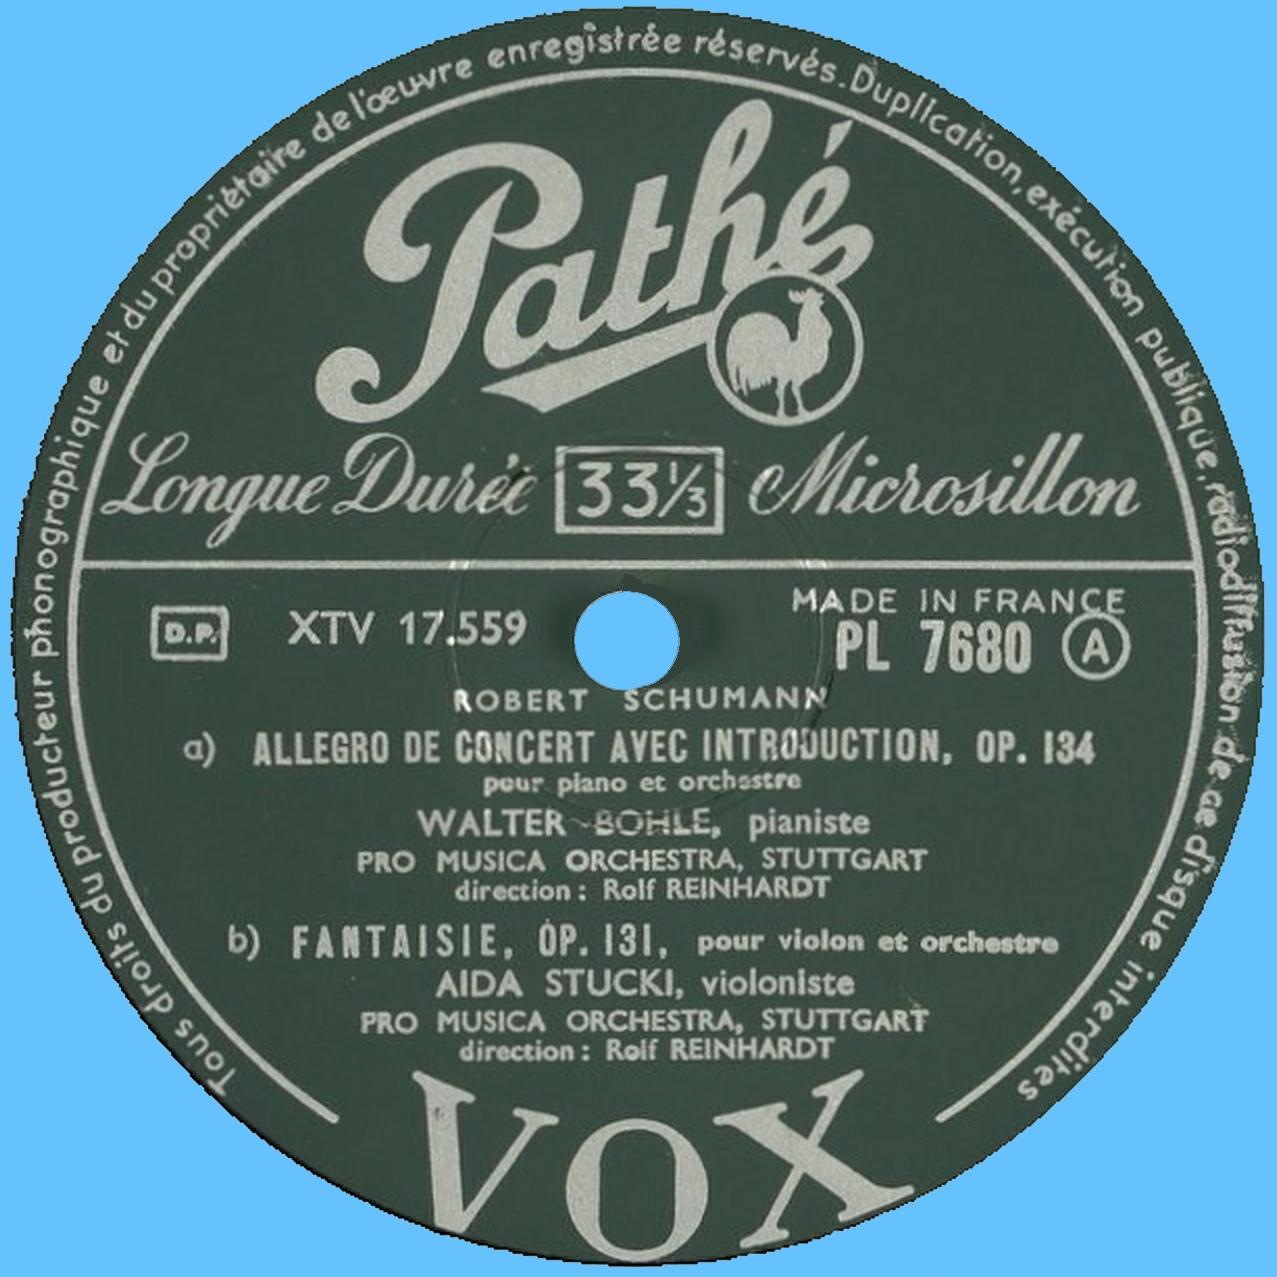 Étiquette recto du disque Pathé-VOX PL 7680